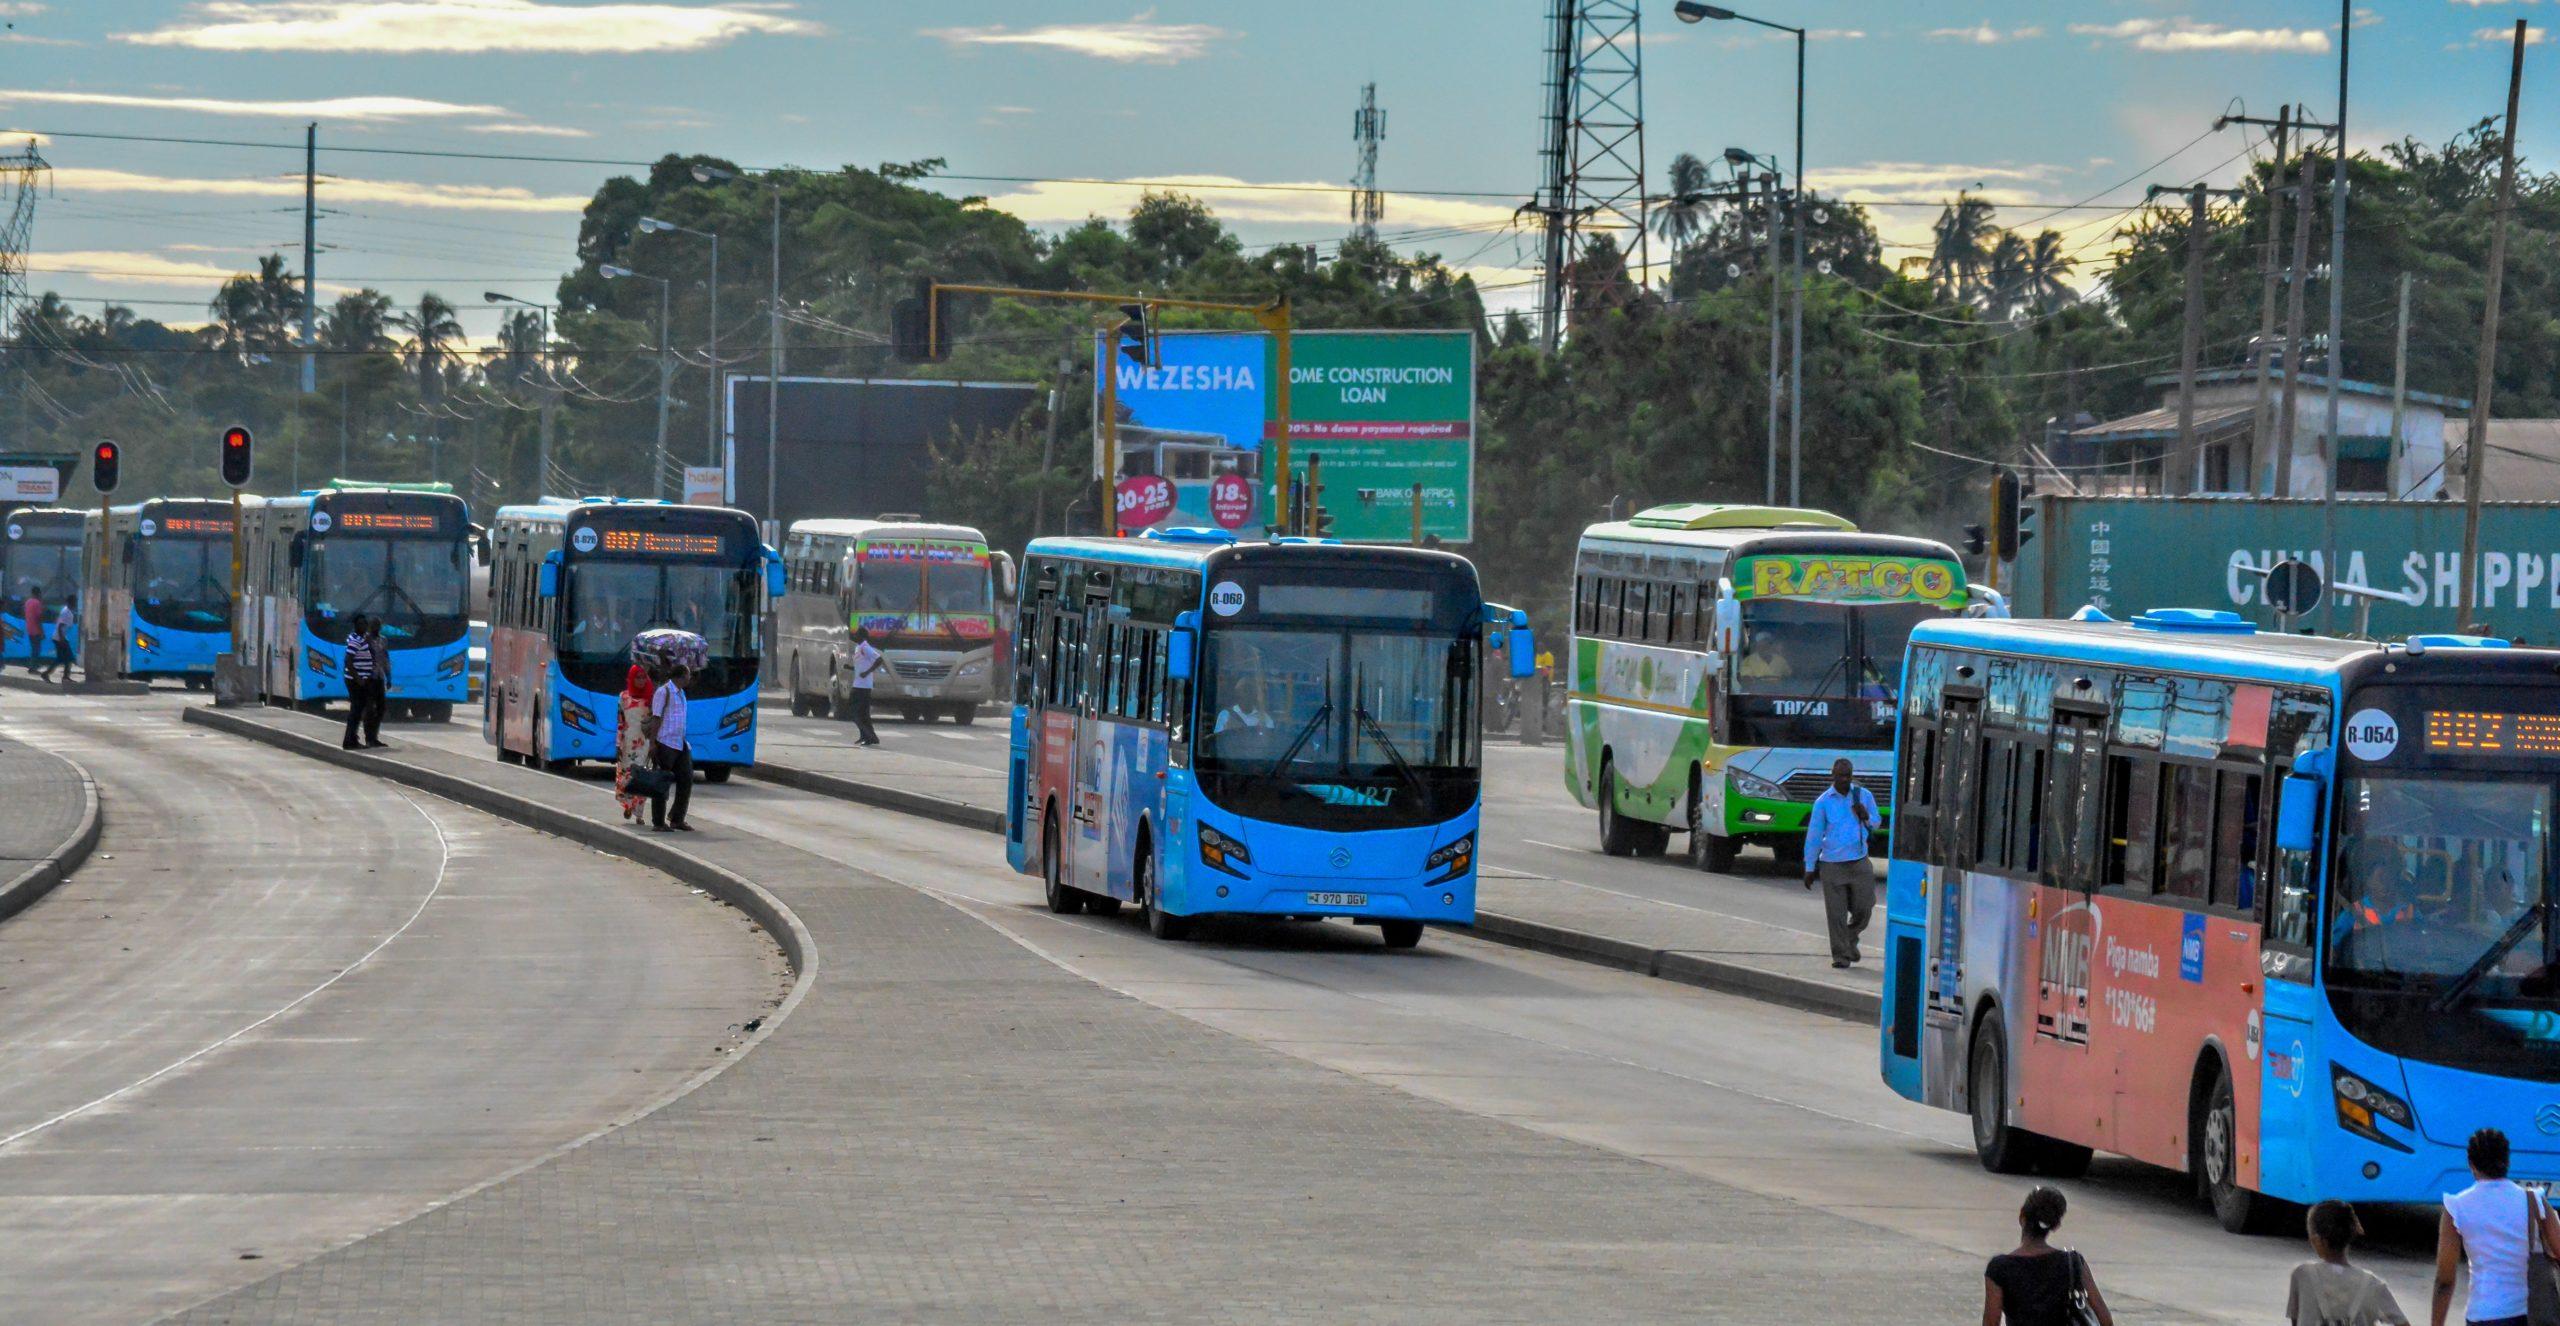 Tanzanie : Un nouveau système de billetterie électronique pour les bus